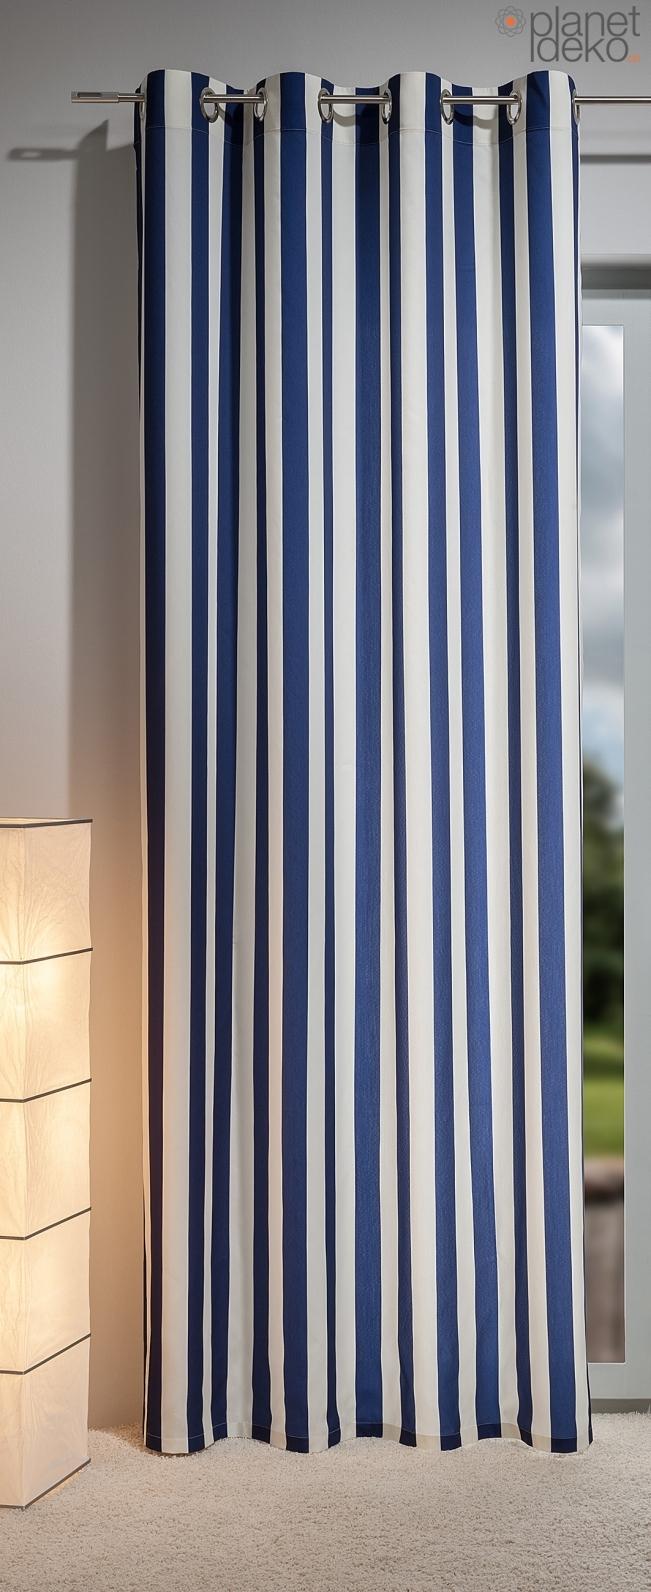 senschal john. Black Bedroom Furniture Sets. Home Design Ideas